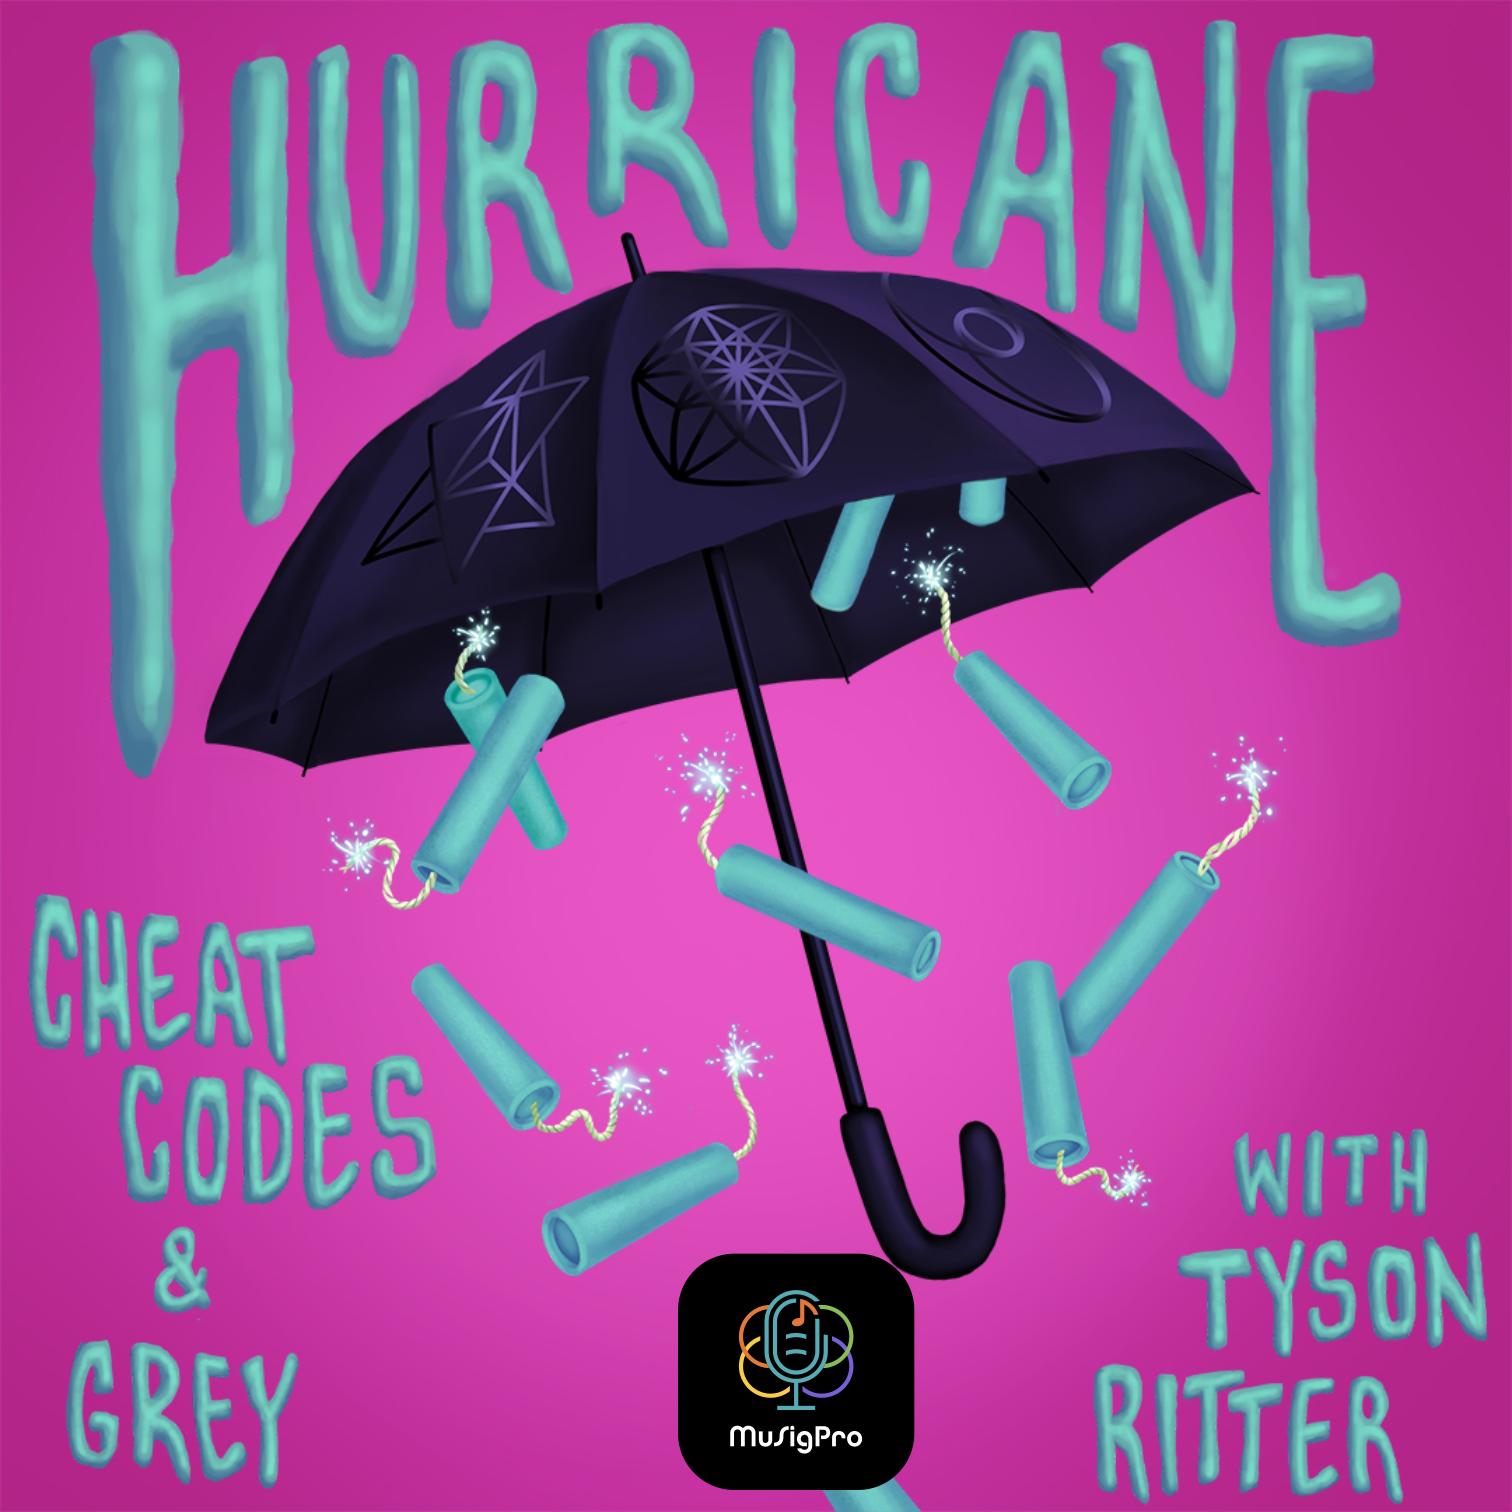 Cheat Codes Rilis Lagu Baru Berjudul Hurricane